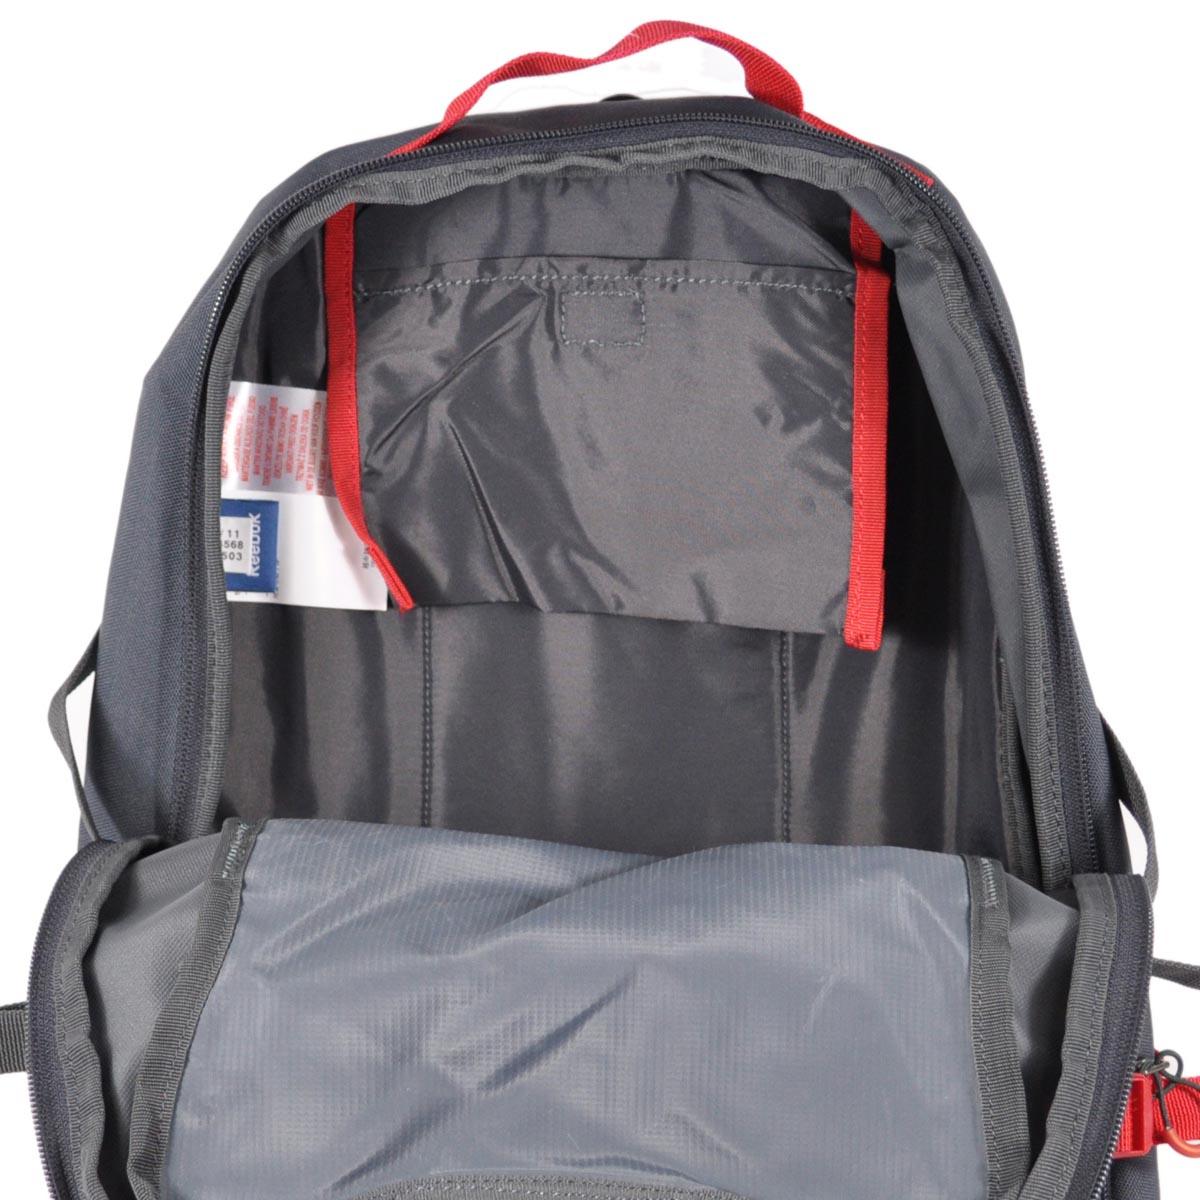 Туристический рюкзак Reebok rb9436 W14568 Reebok / Reebok